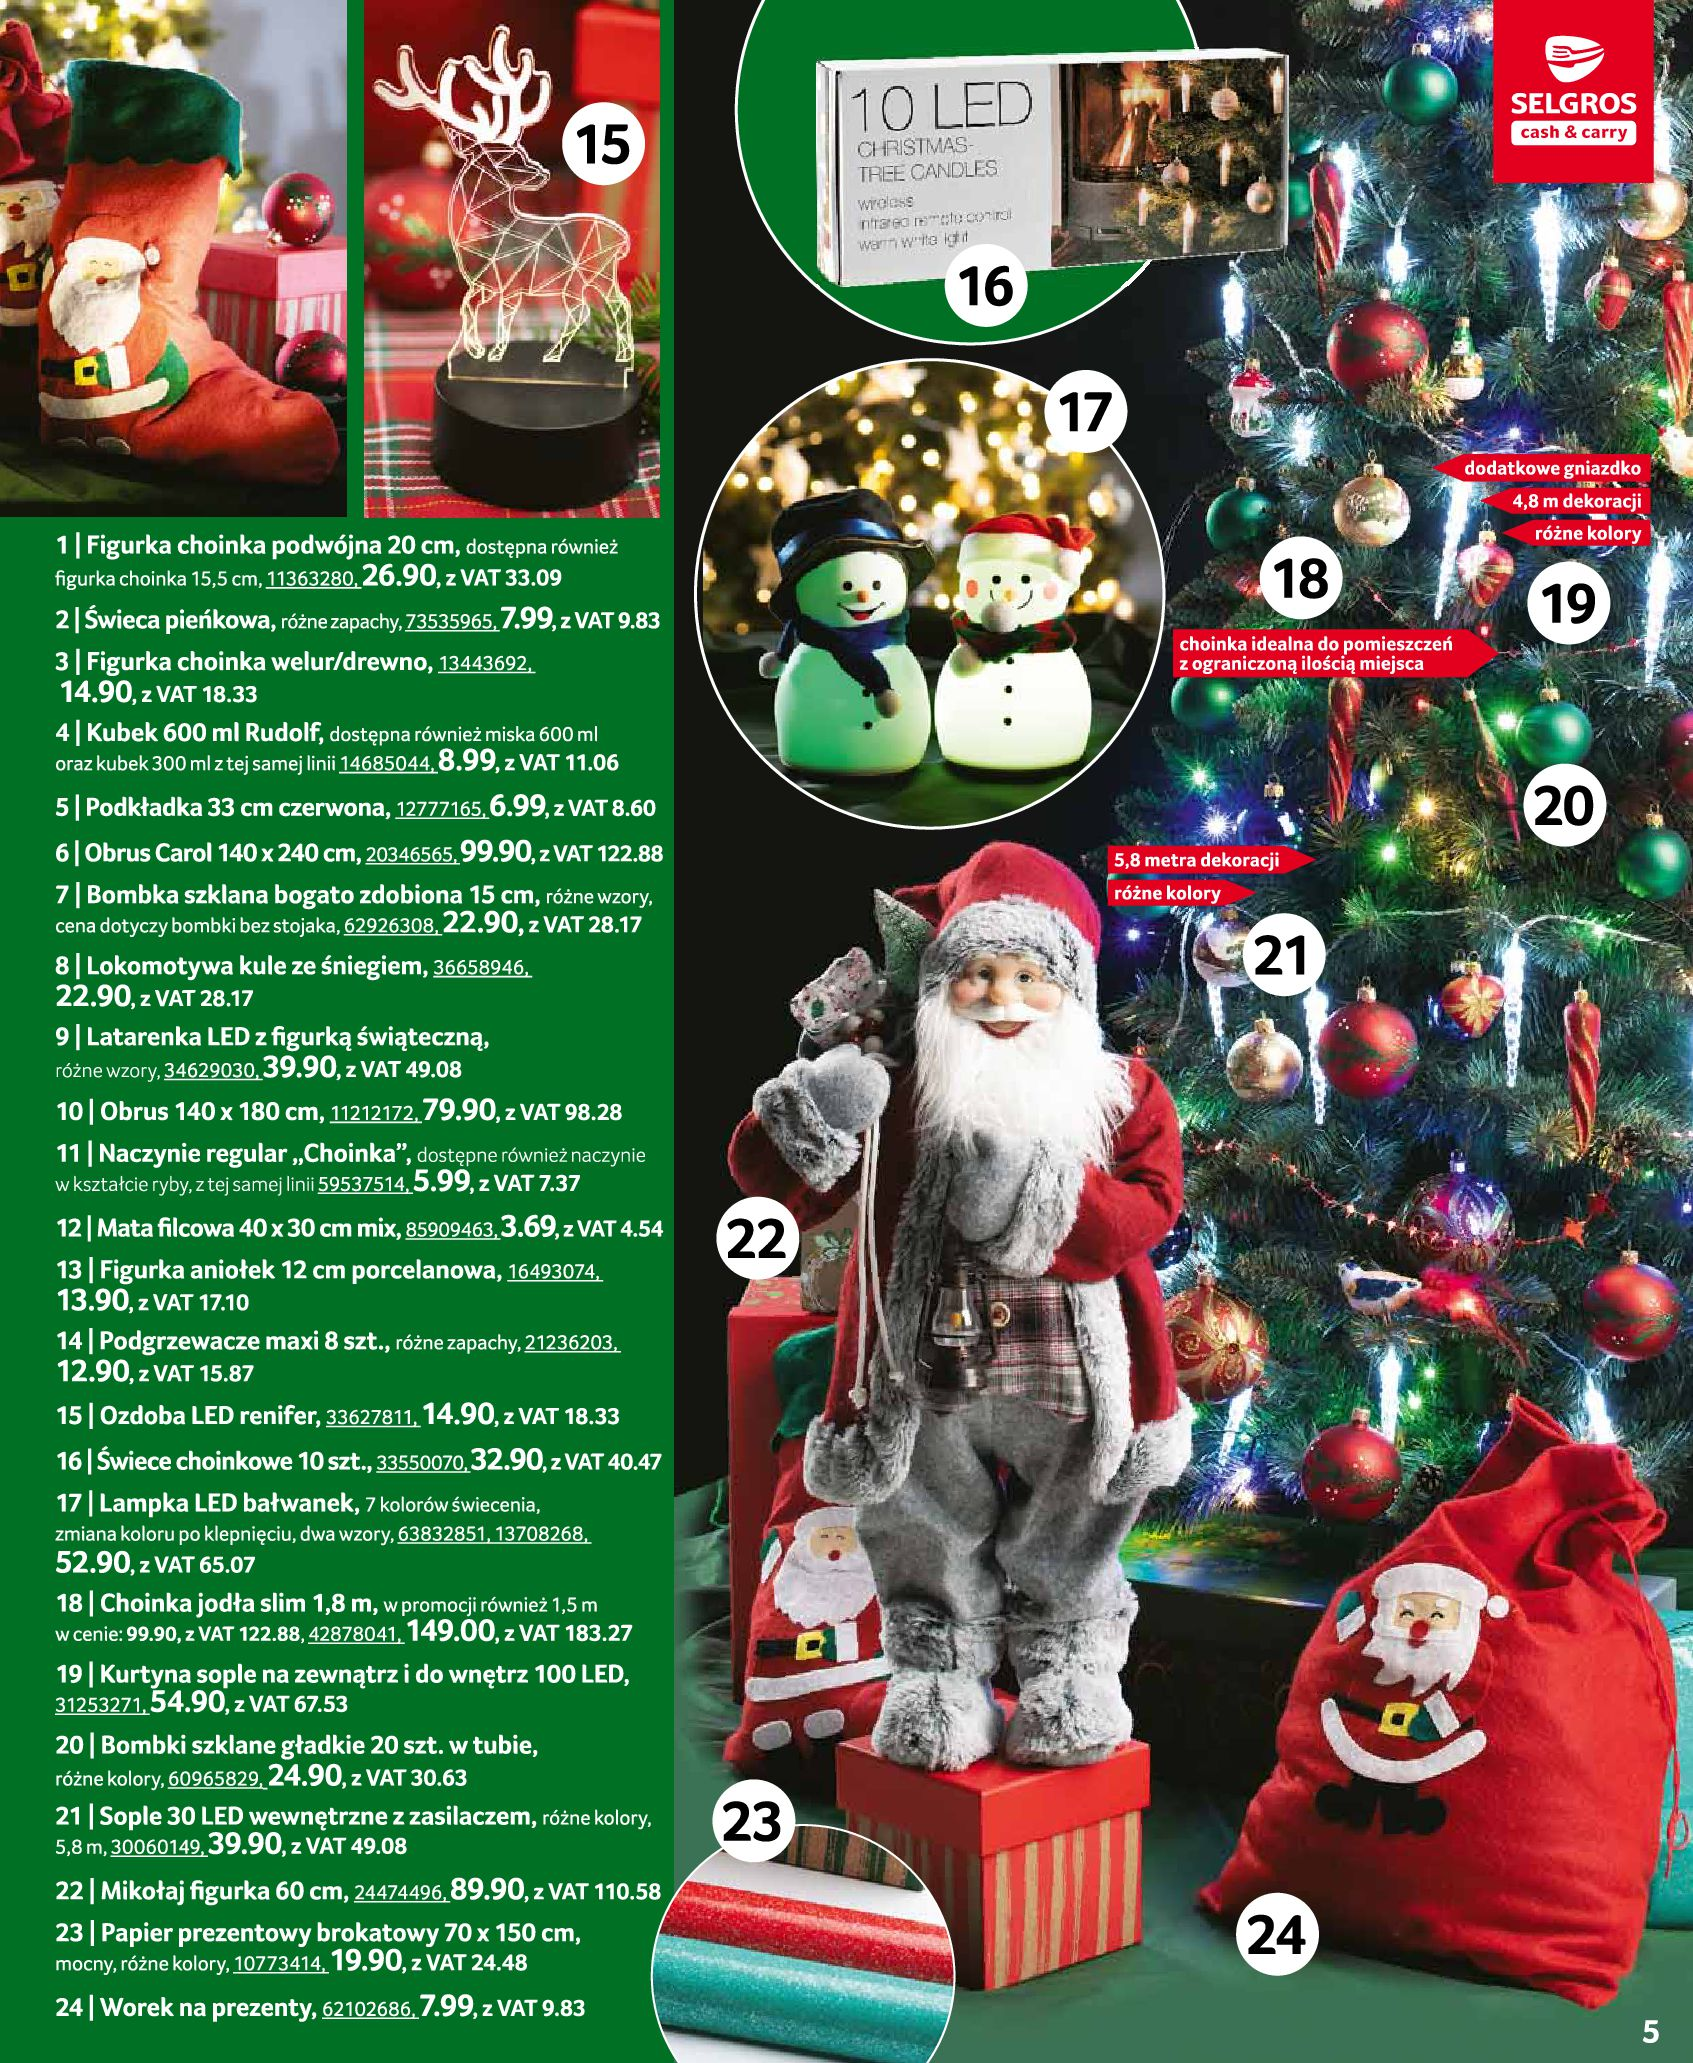 Gazetka Selgros: Oferta przemysłowa 2020-11-19 page-5